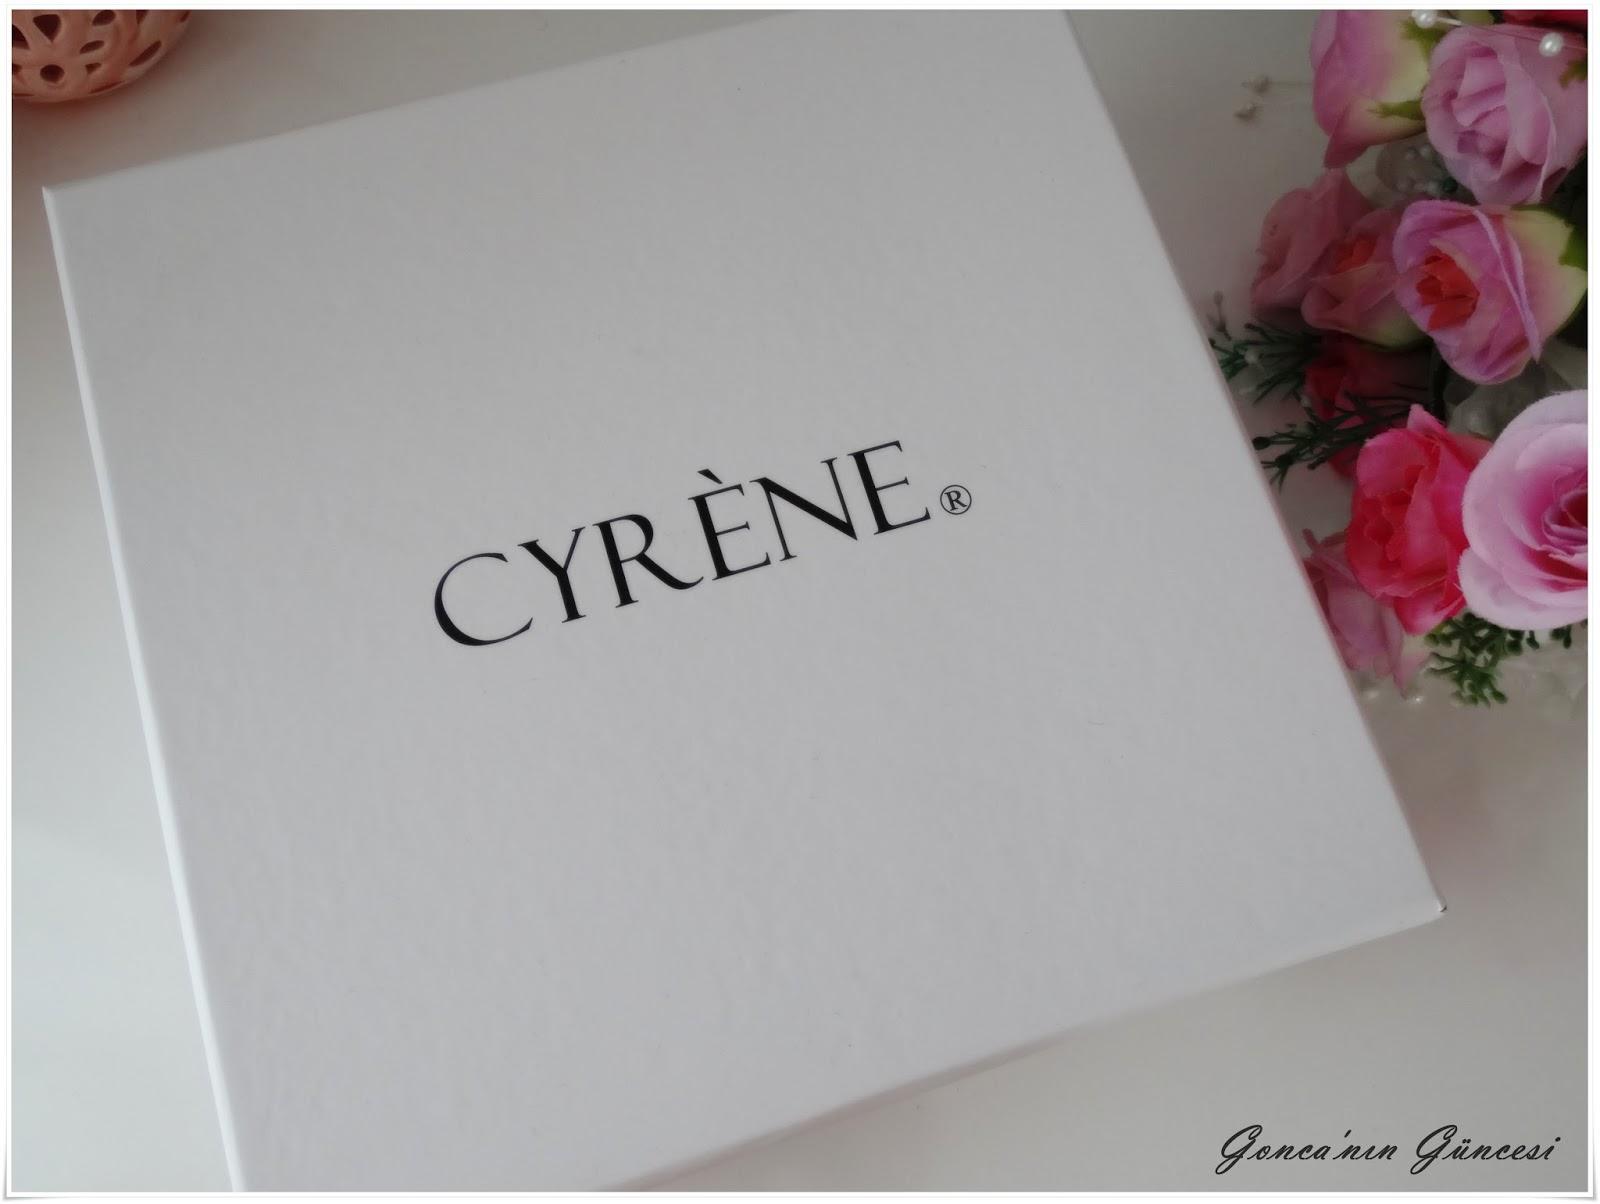 cyrene biocosmetic